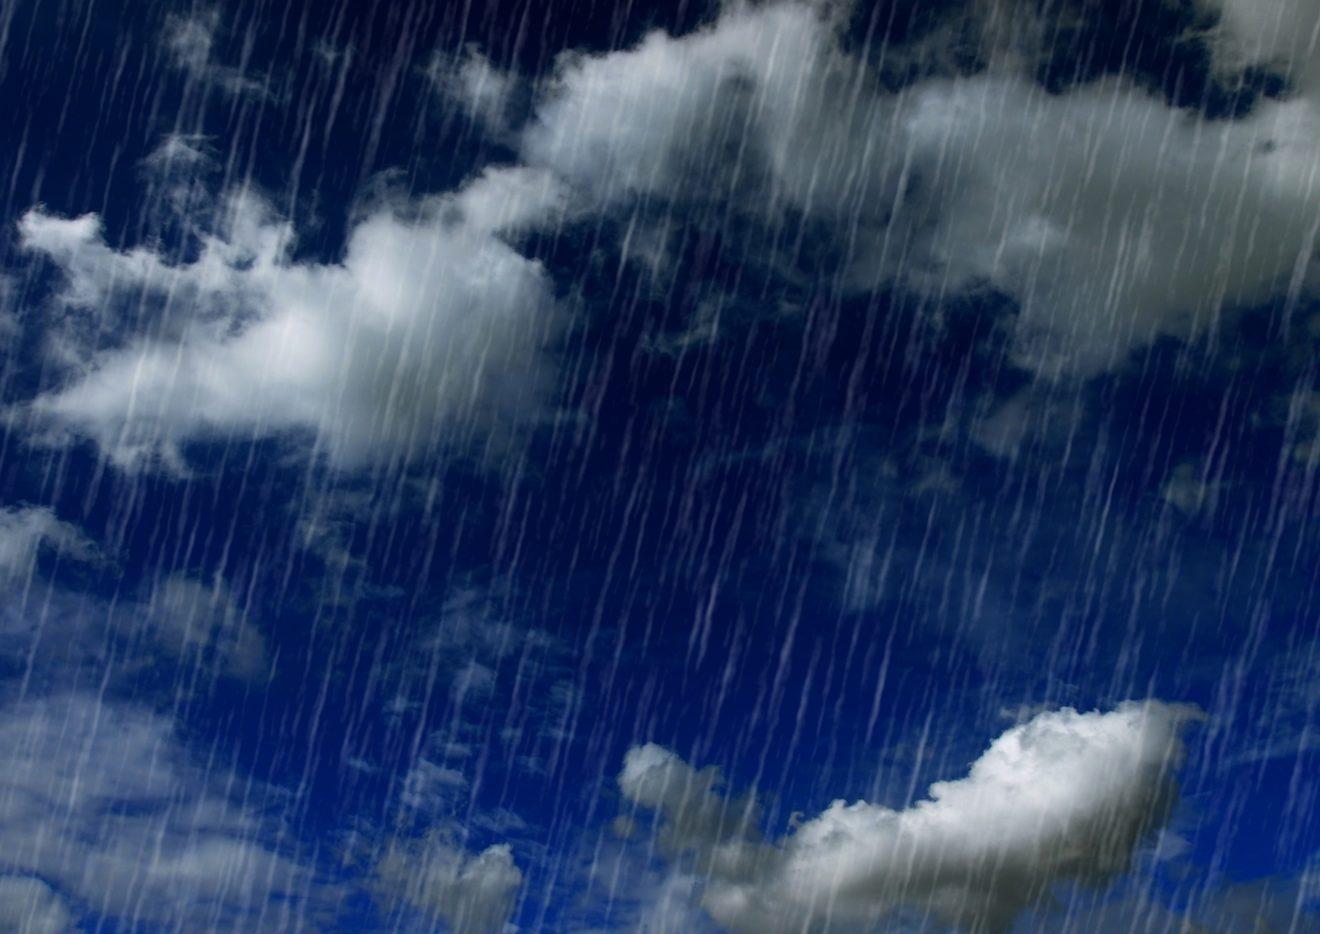 雨が振っている写真